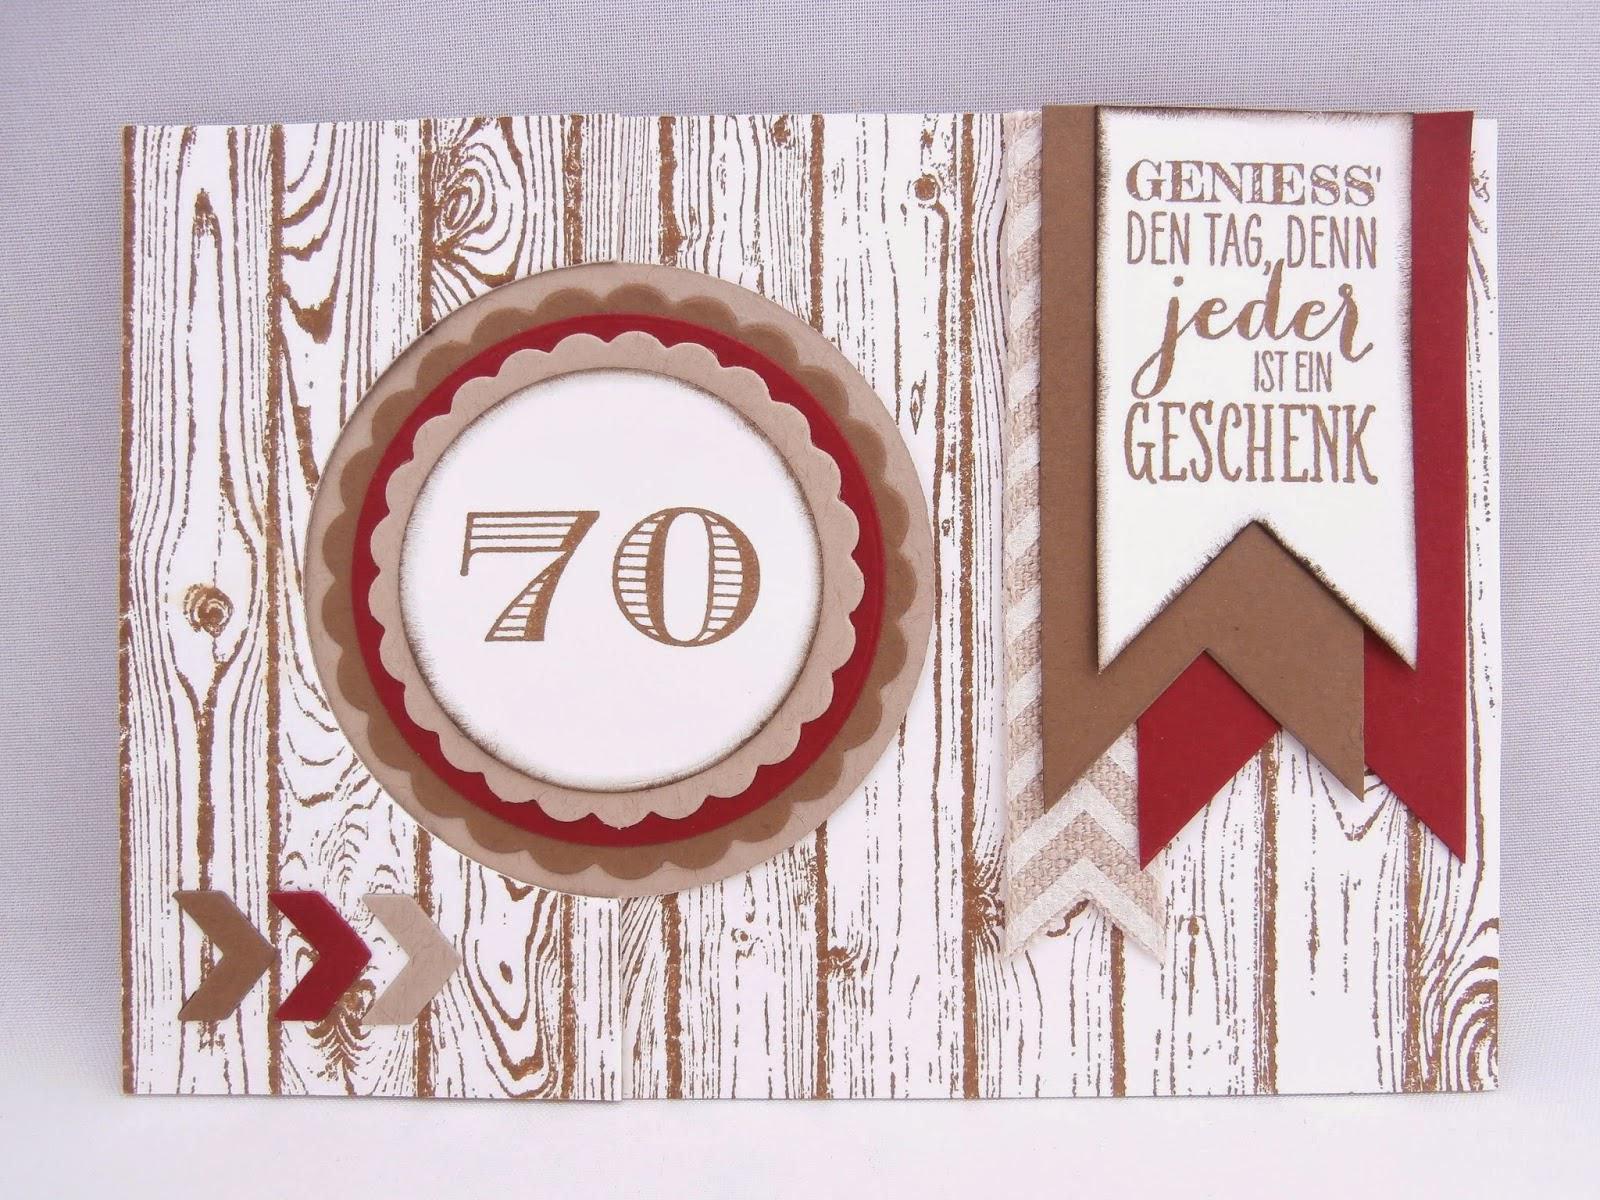 More Article From Einladung Zum 70 Geburtstag